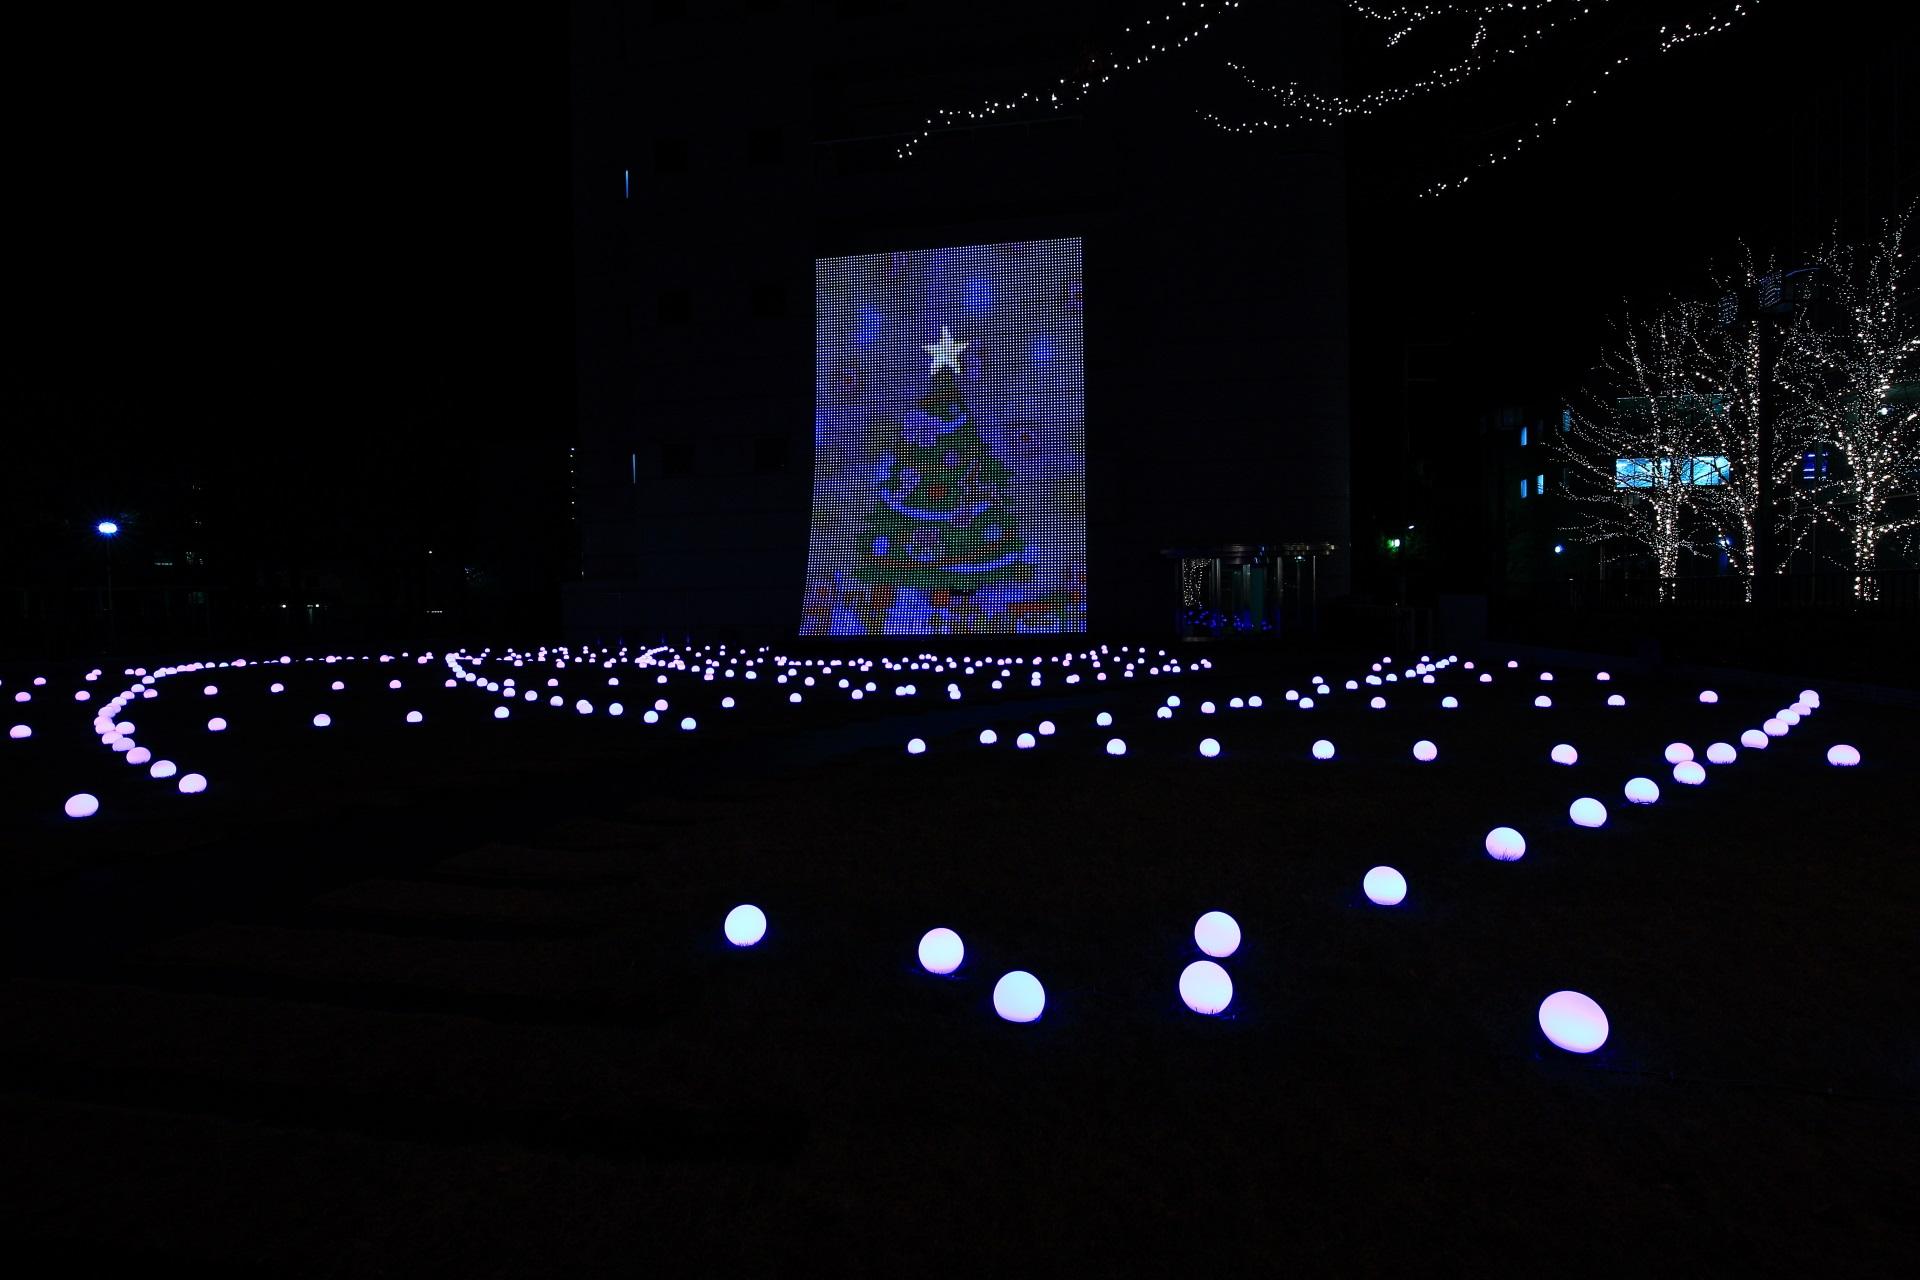 ロームイルミネーション 光のアンサンブル 芝生広場